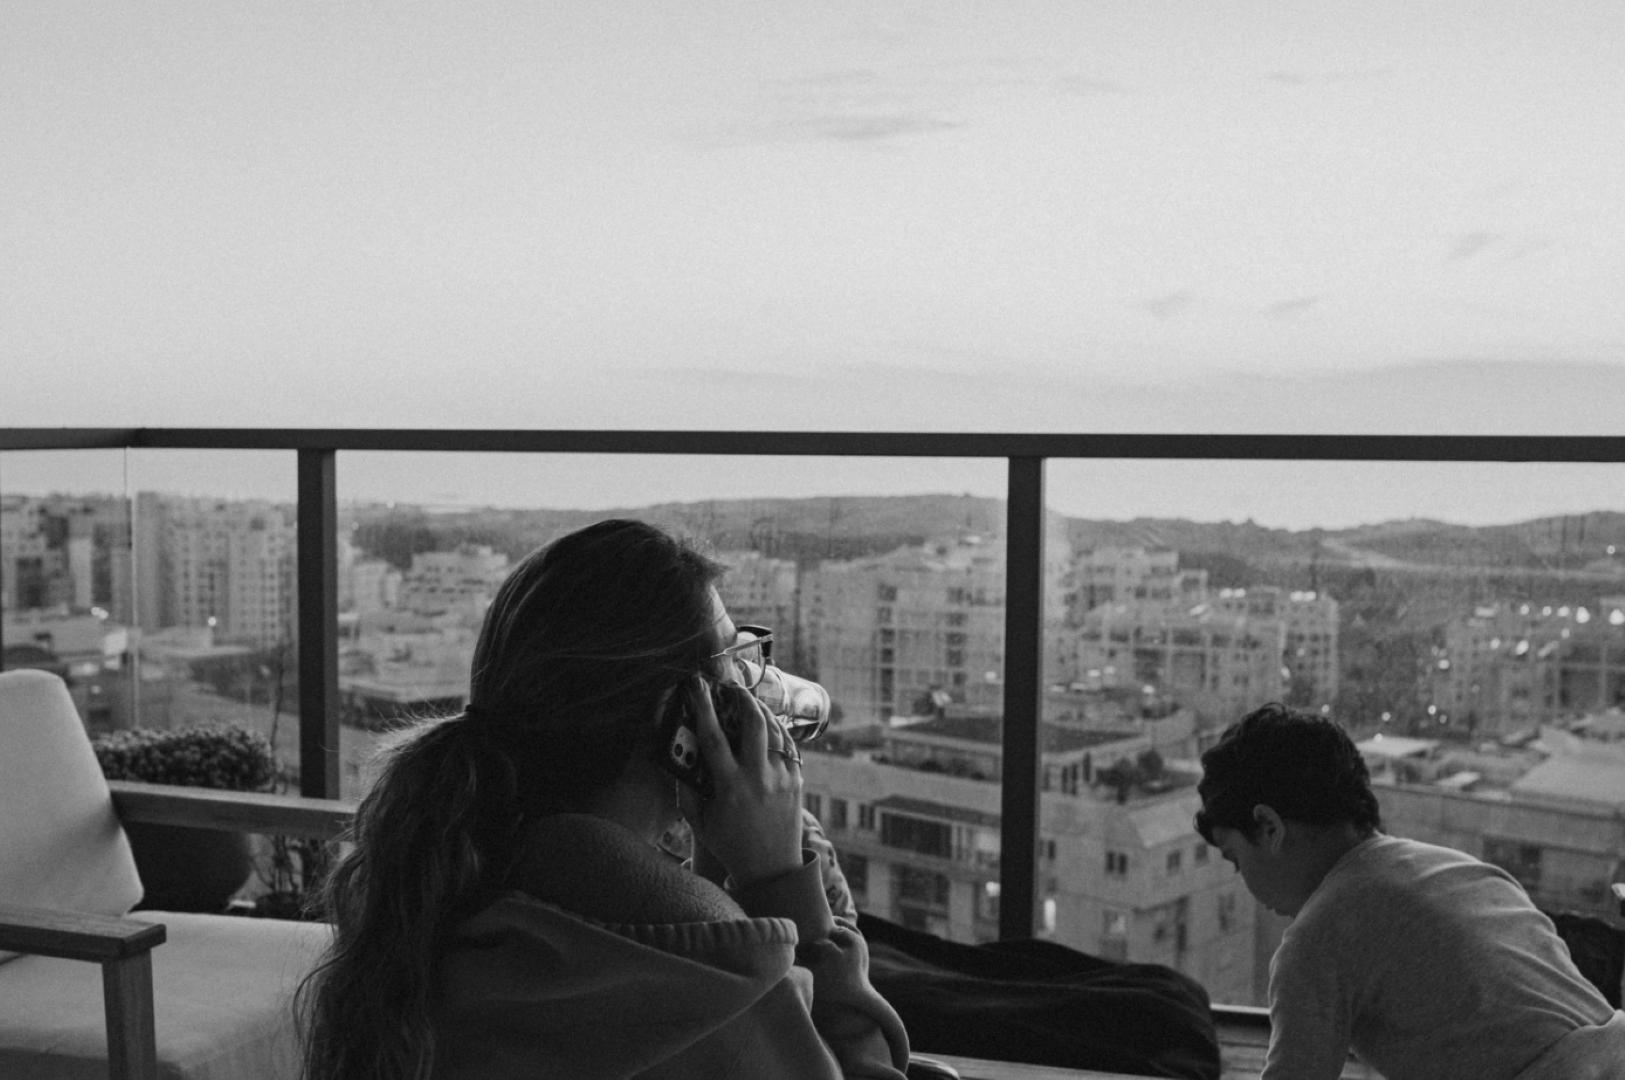 """""""שלפתי מצלמה והתחלתי לצלם"""" (צילום: טל גבעוני)"""